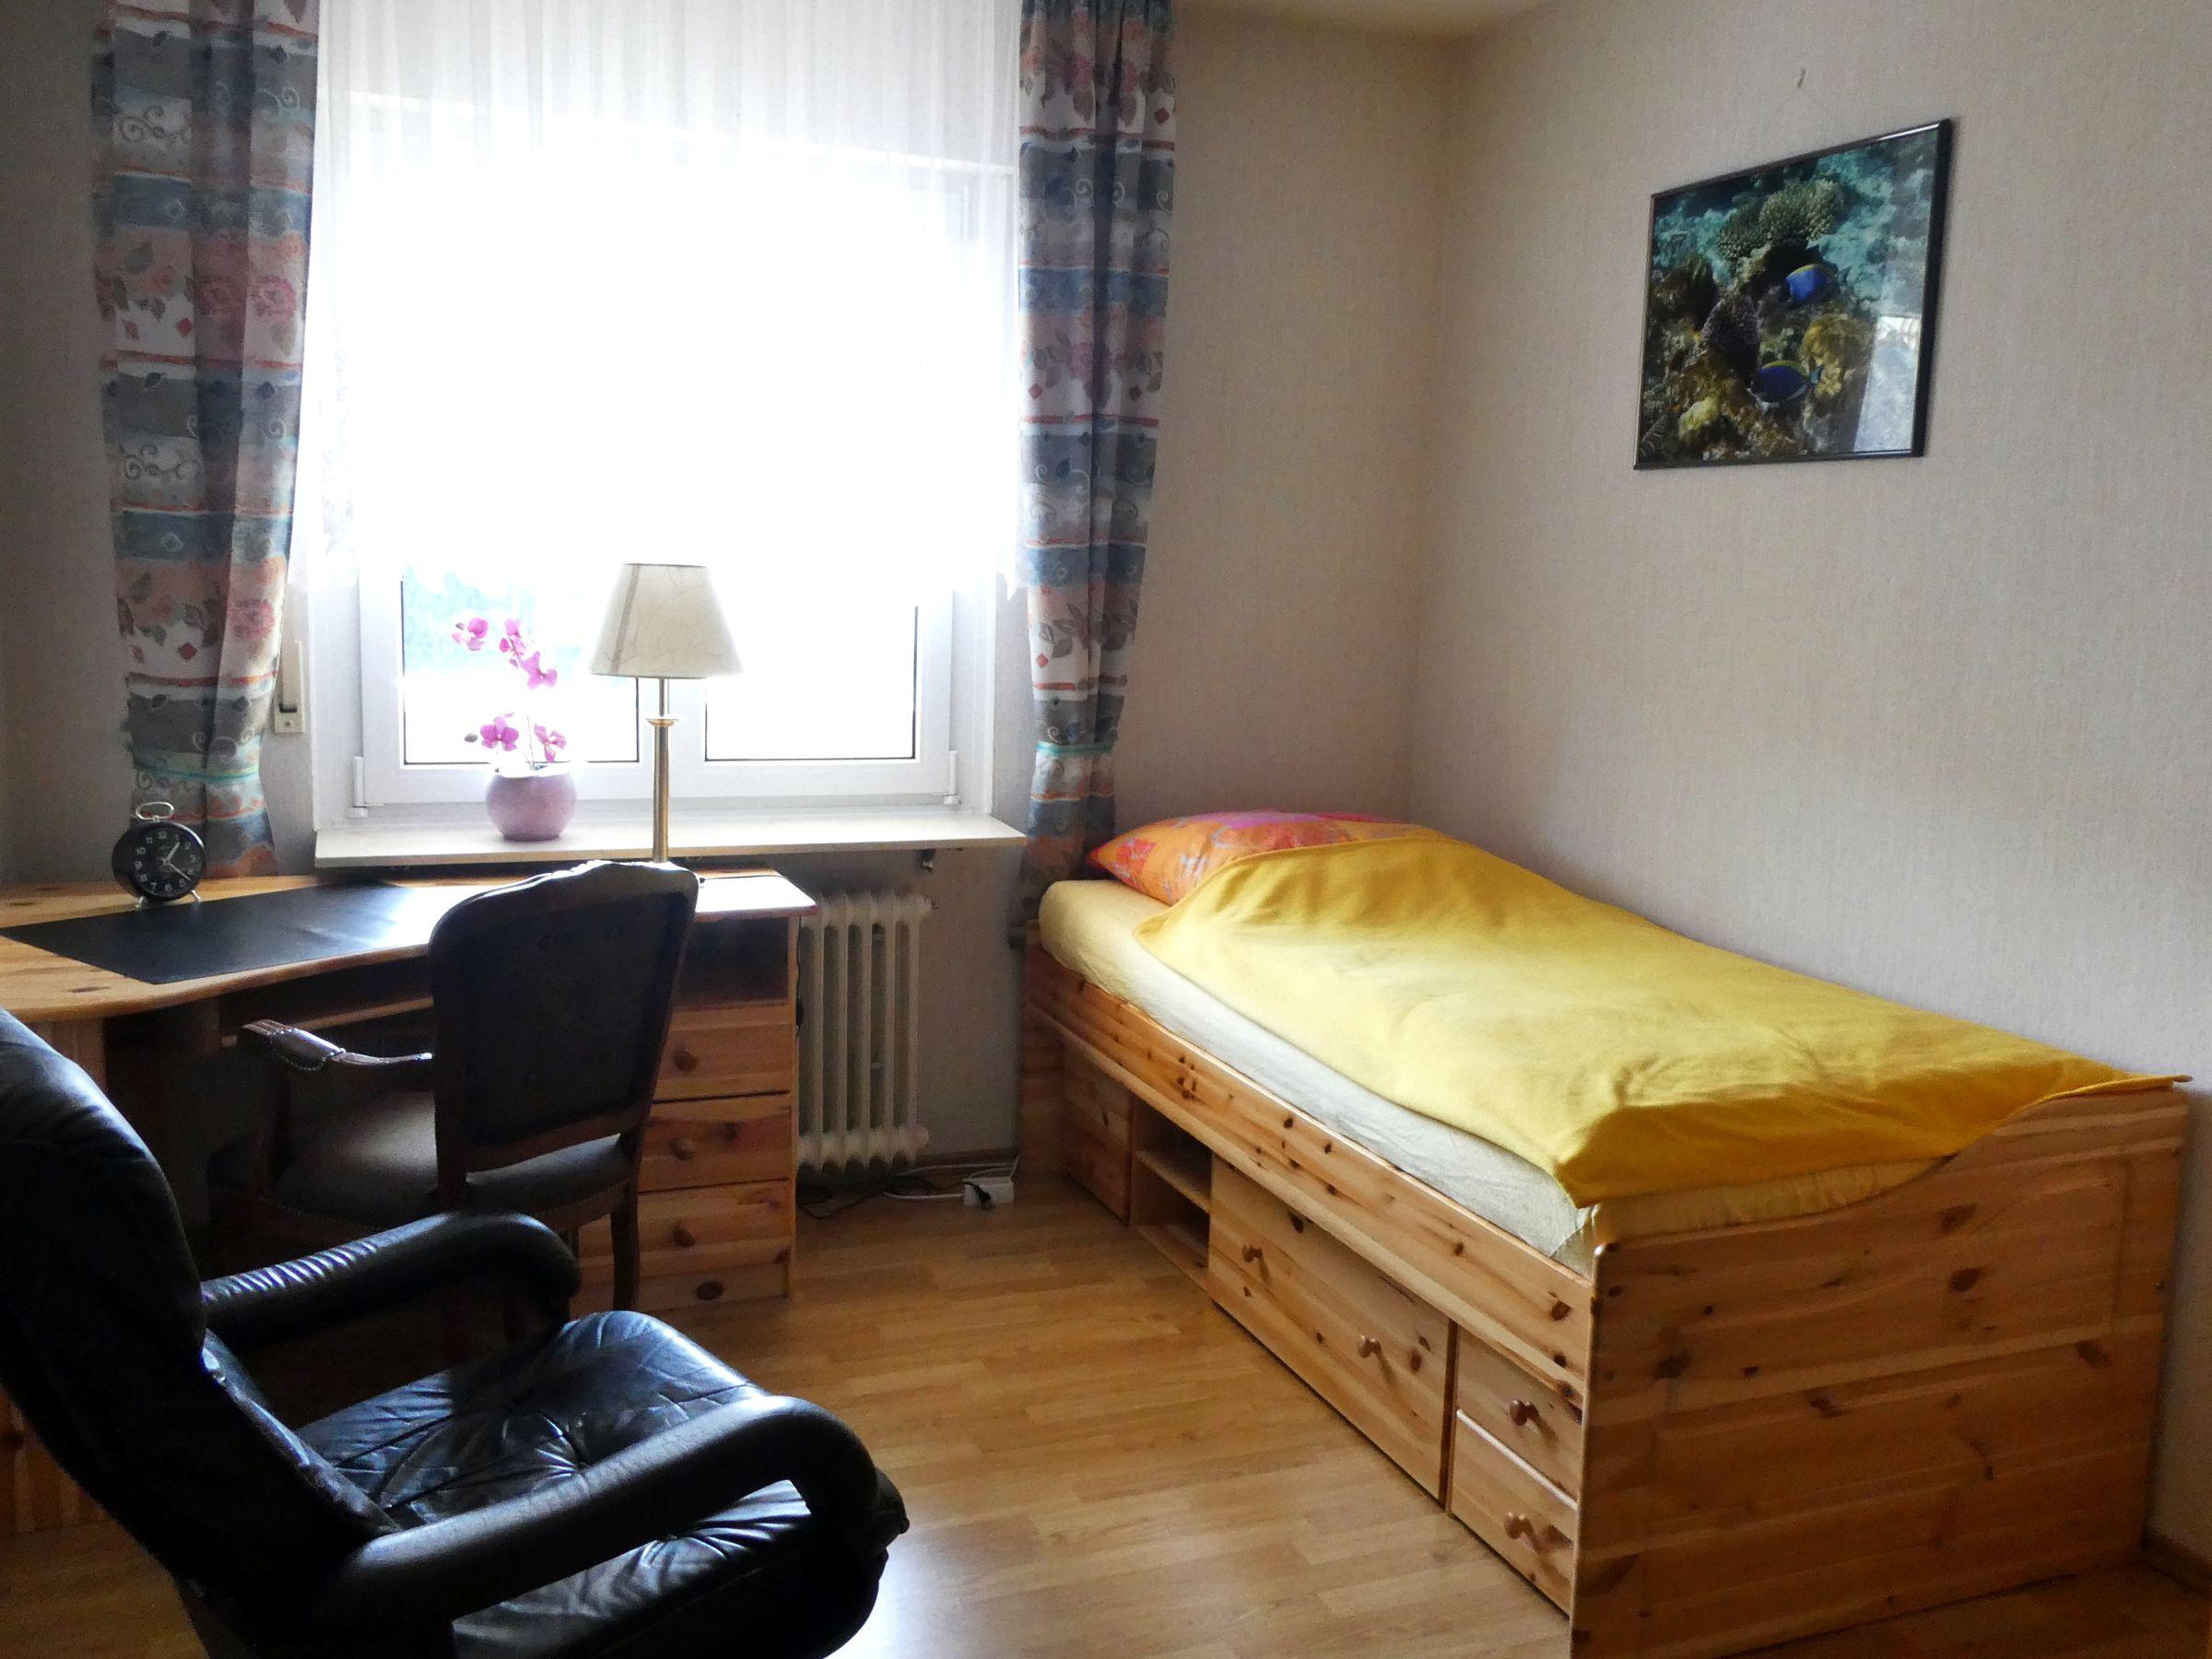 Ferienwohnung Regina, (Furtwangen). Ferienwohnung, 97qm, 2 Schlafzimmer, max. 3 Personen (2718603), Furtwangen, Schwarzwald, Baden-Württemberg, Deutschland, Bild 16